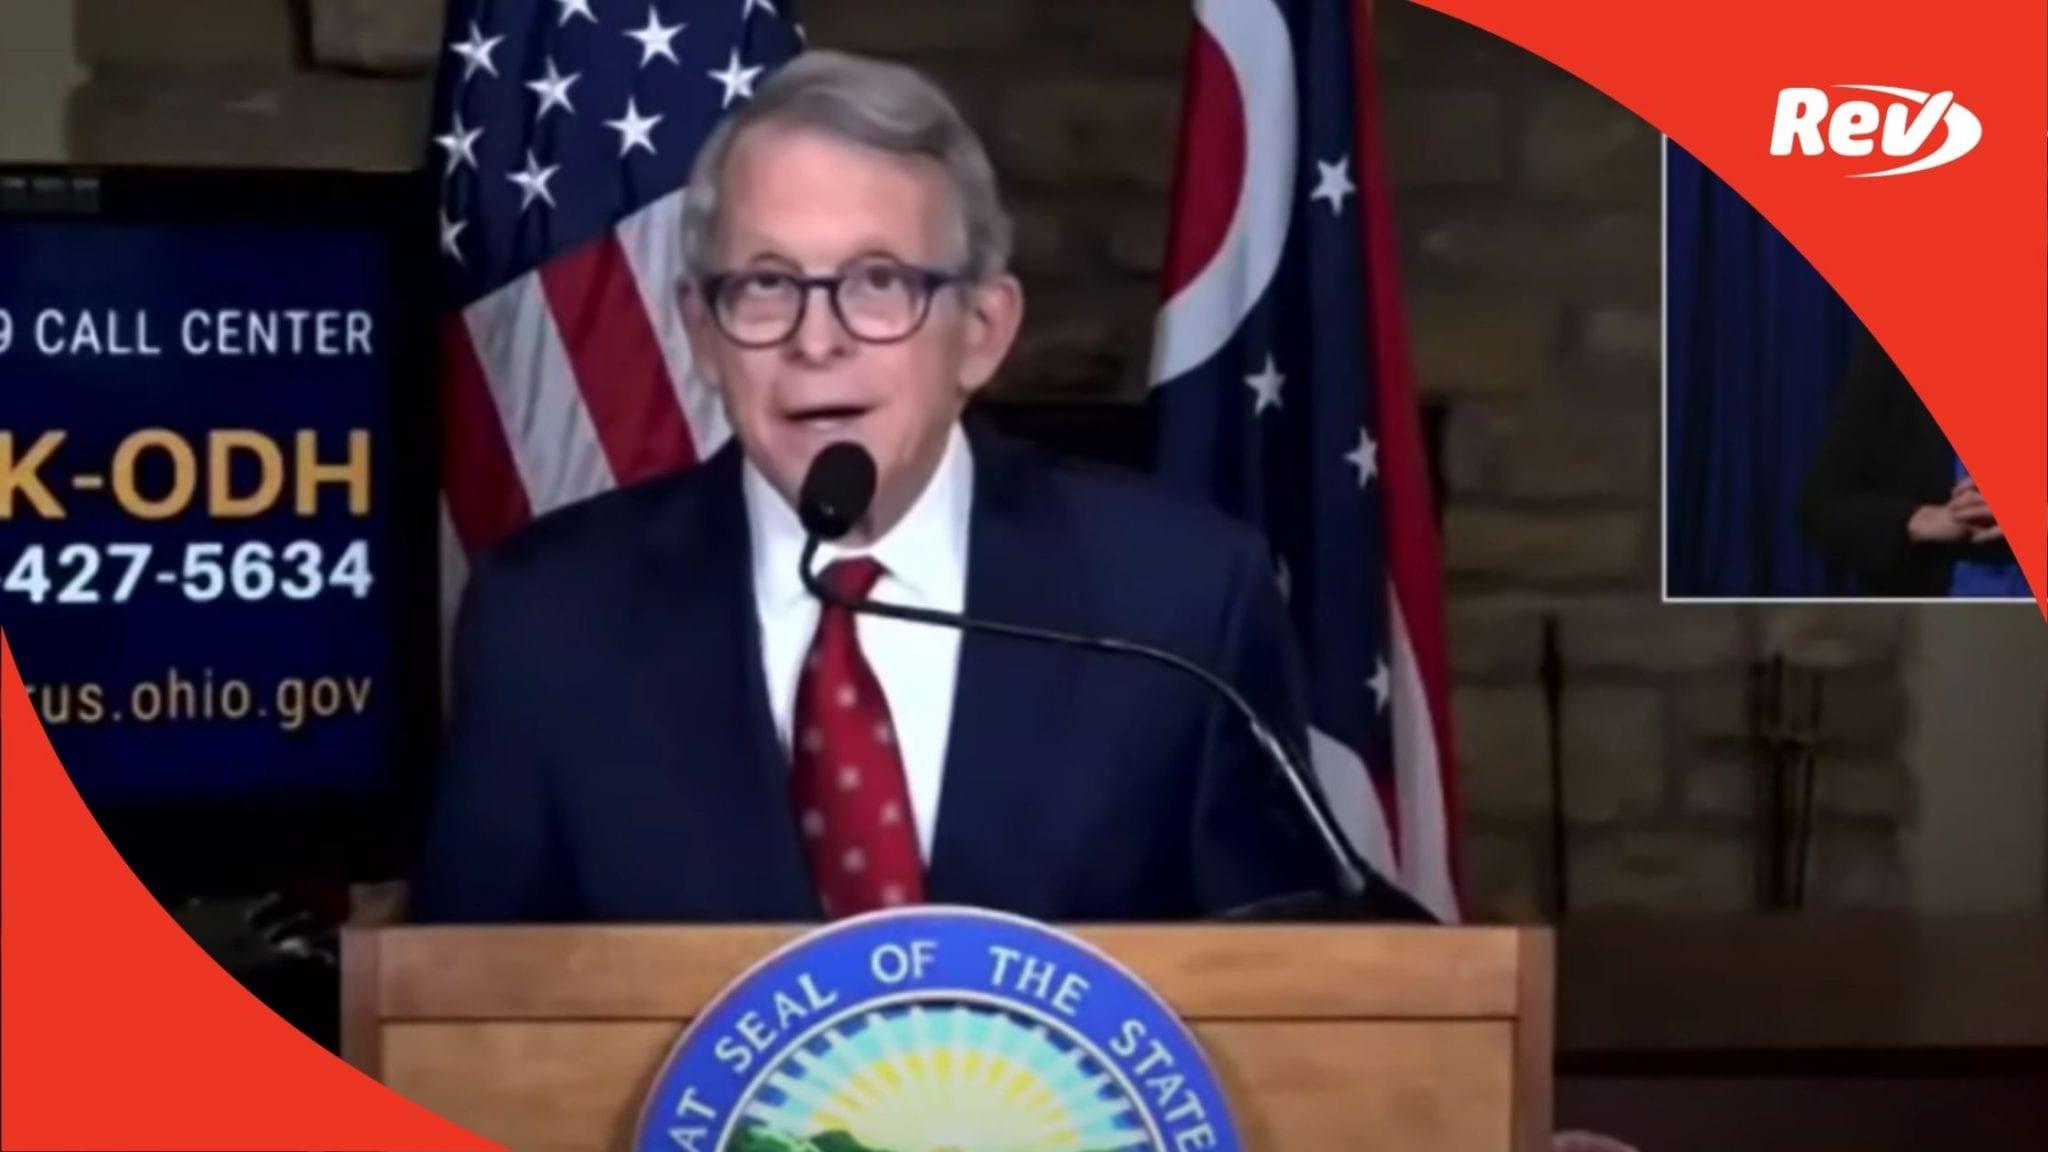 Ohio Gov. Mike DeWine COVID-19 Press Conference Transcript March 22